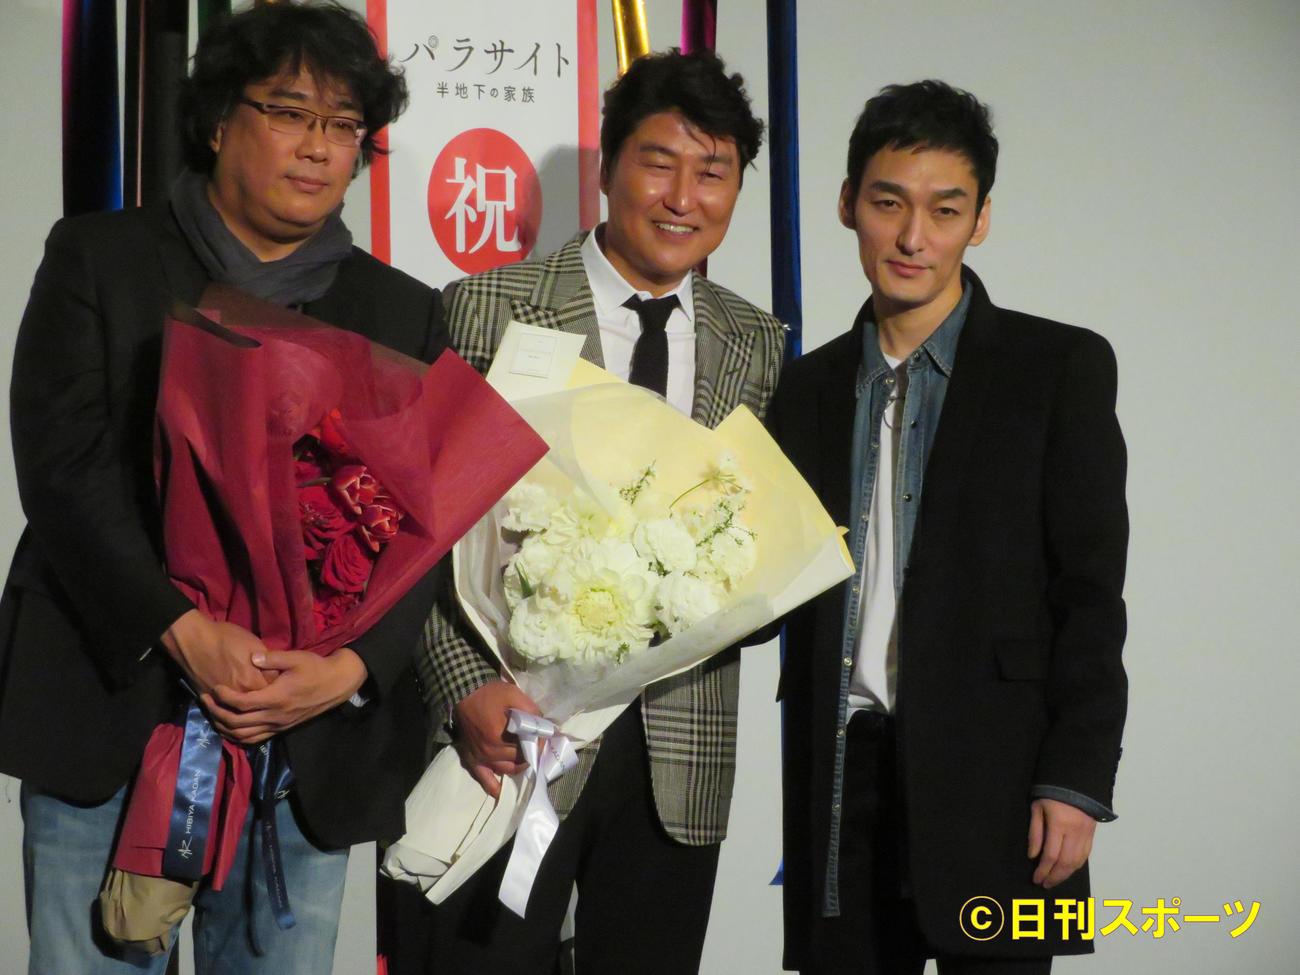 映画「パラサイト」の舞台あいさつを行った左からポン・ジュノ監督、ソン・ガンホ、草なぎ剛